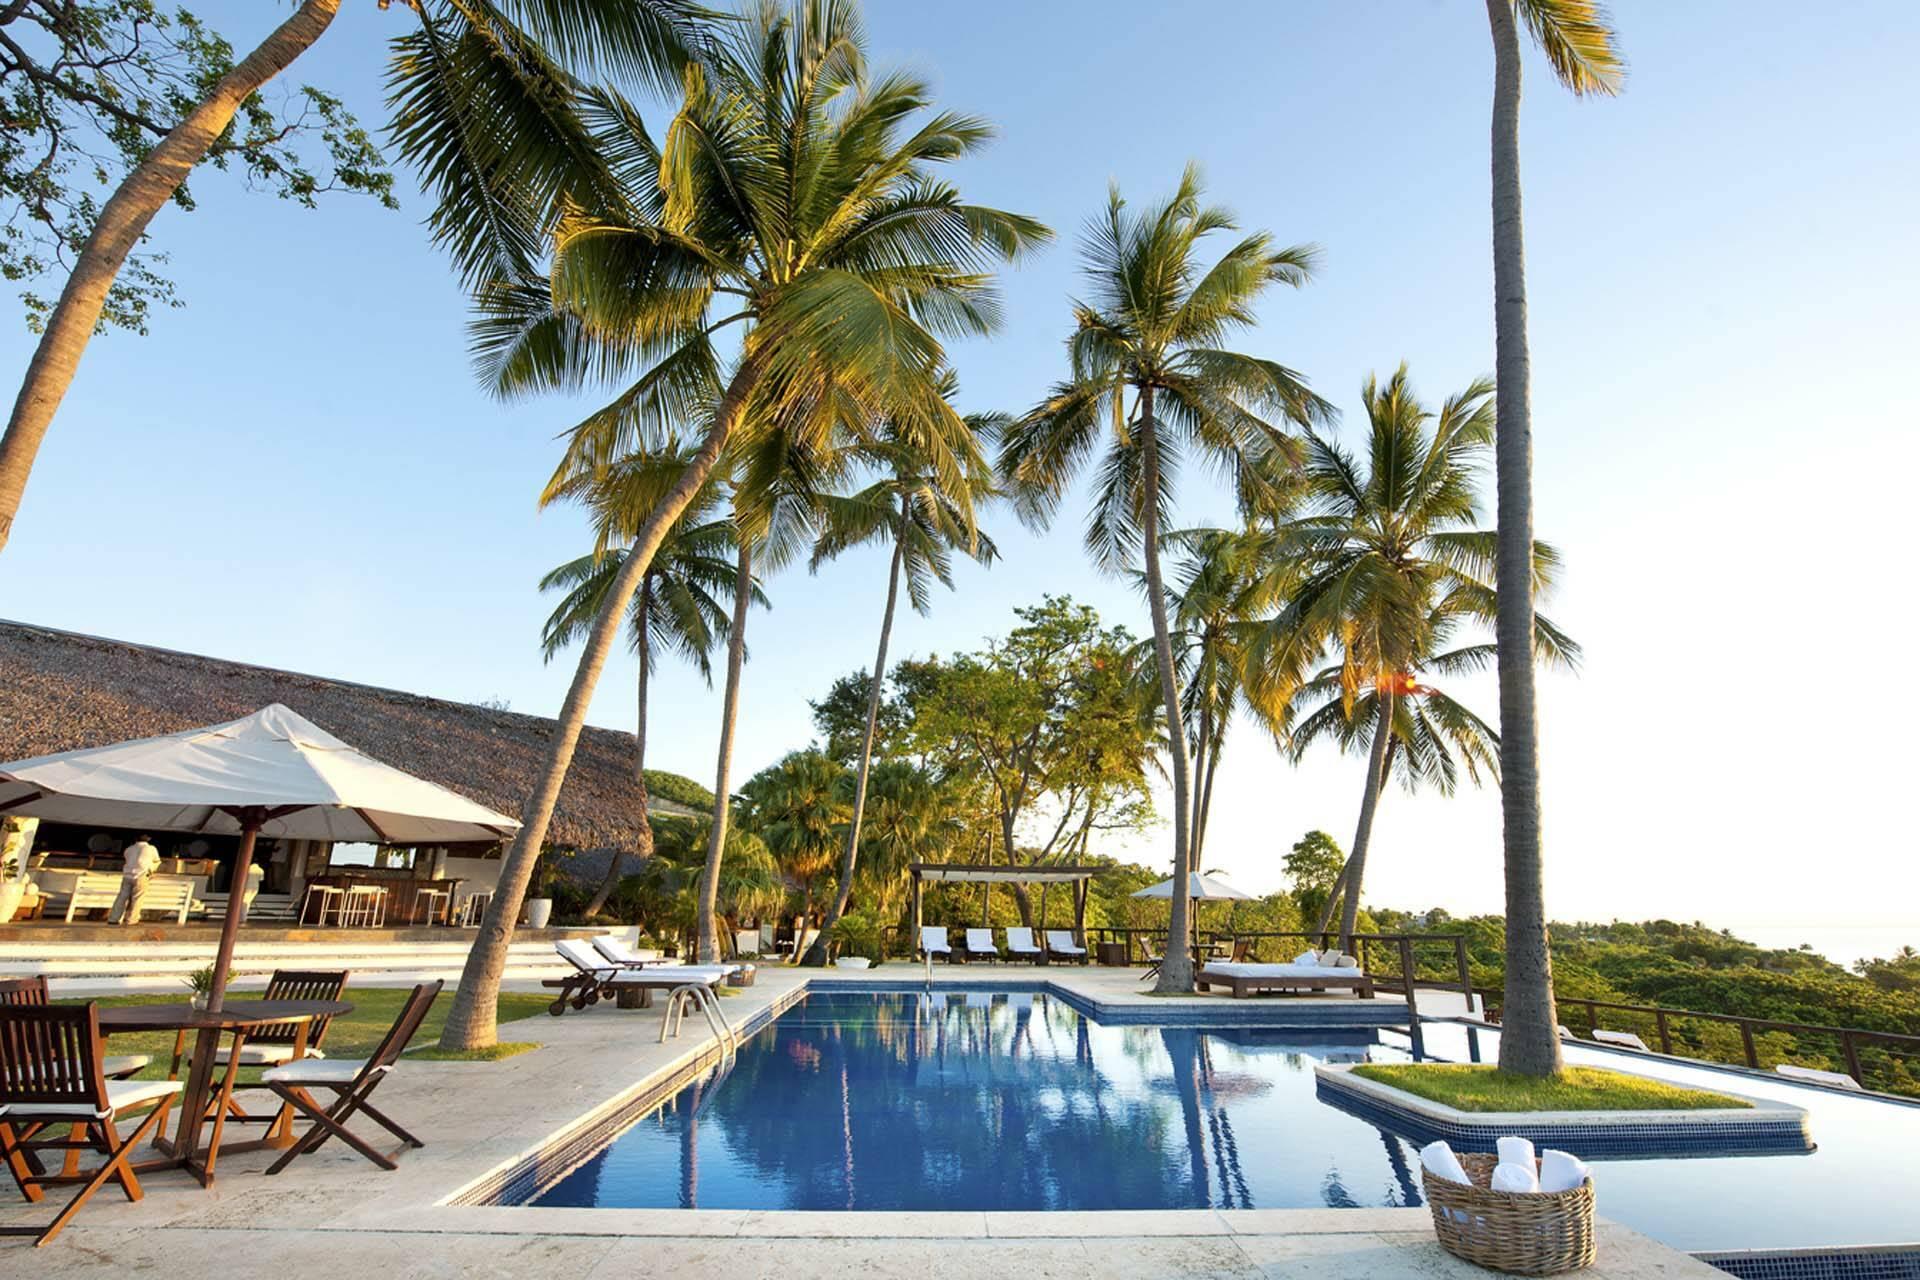 Casa Bonita Tropical Lodge Republique Dominicaine Piscine